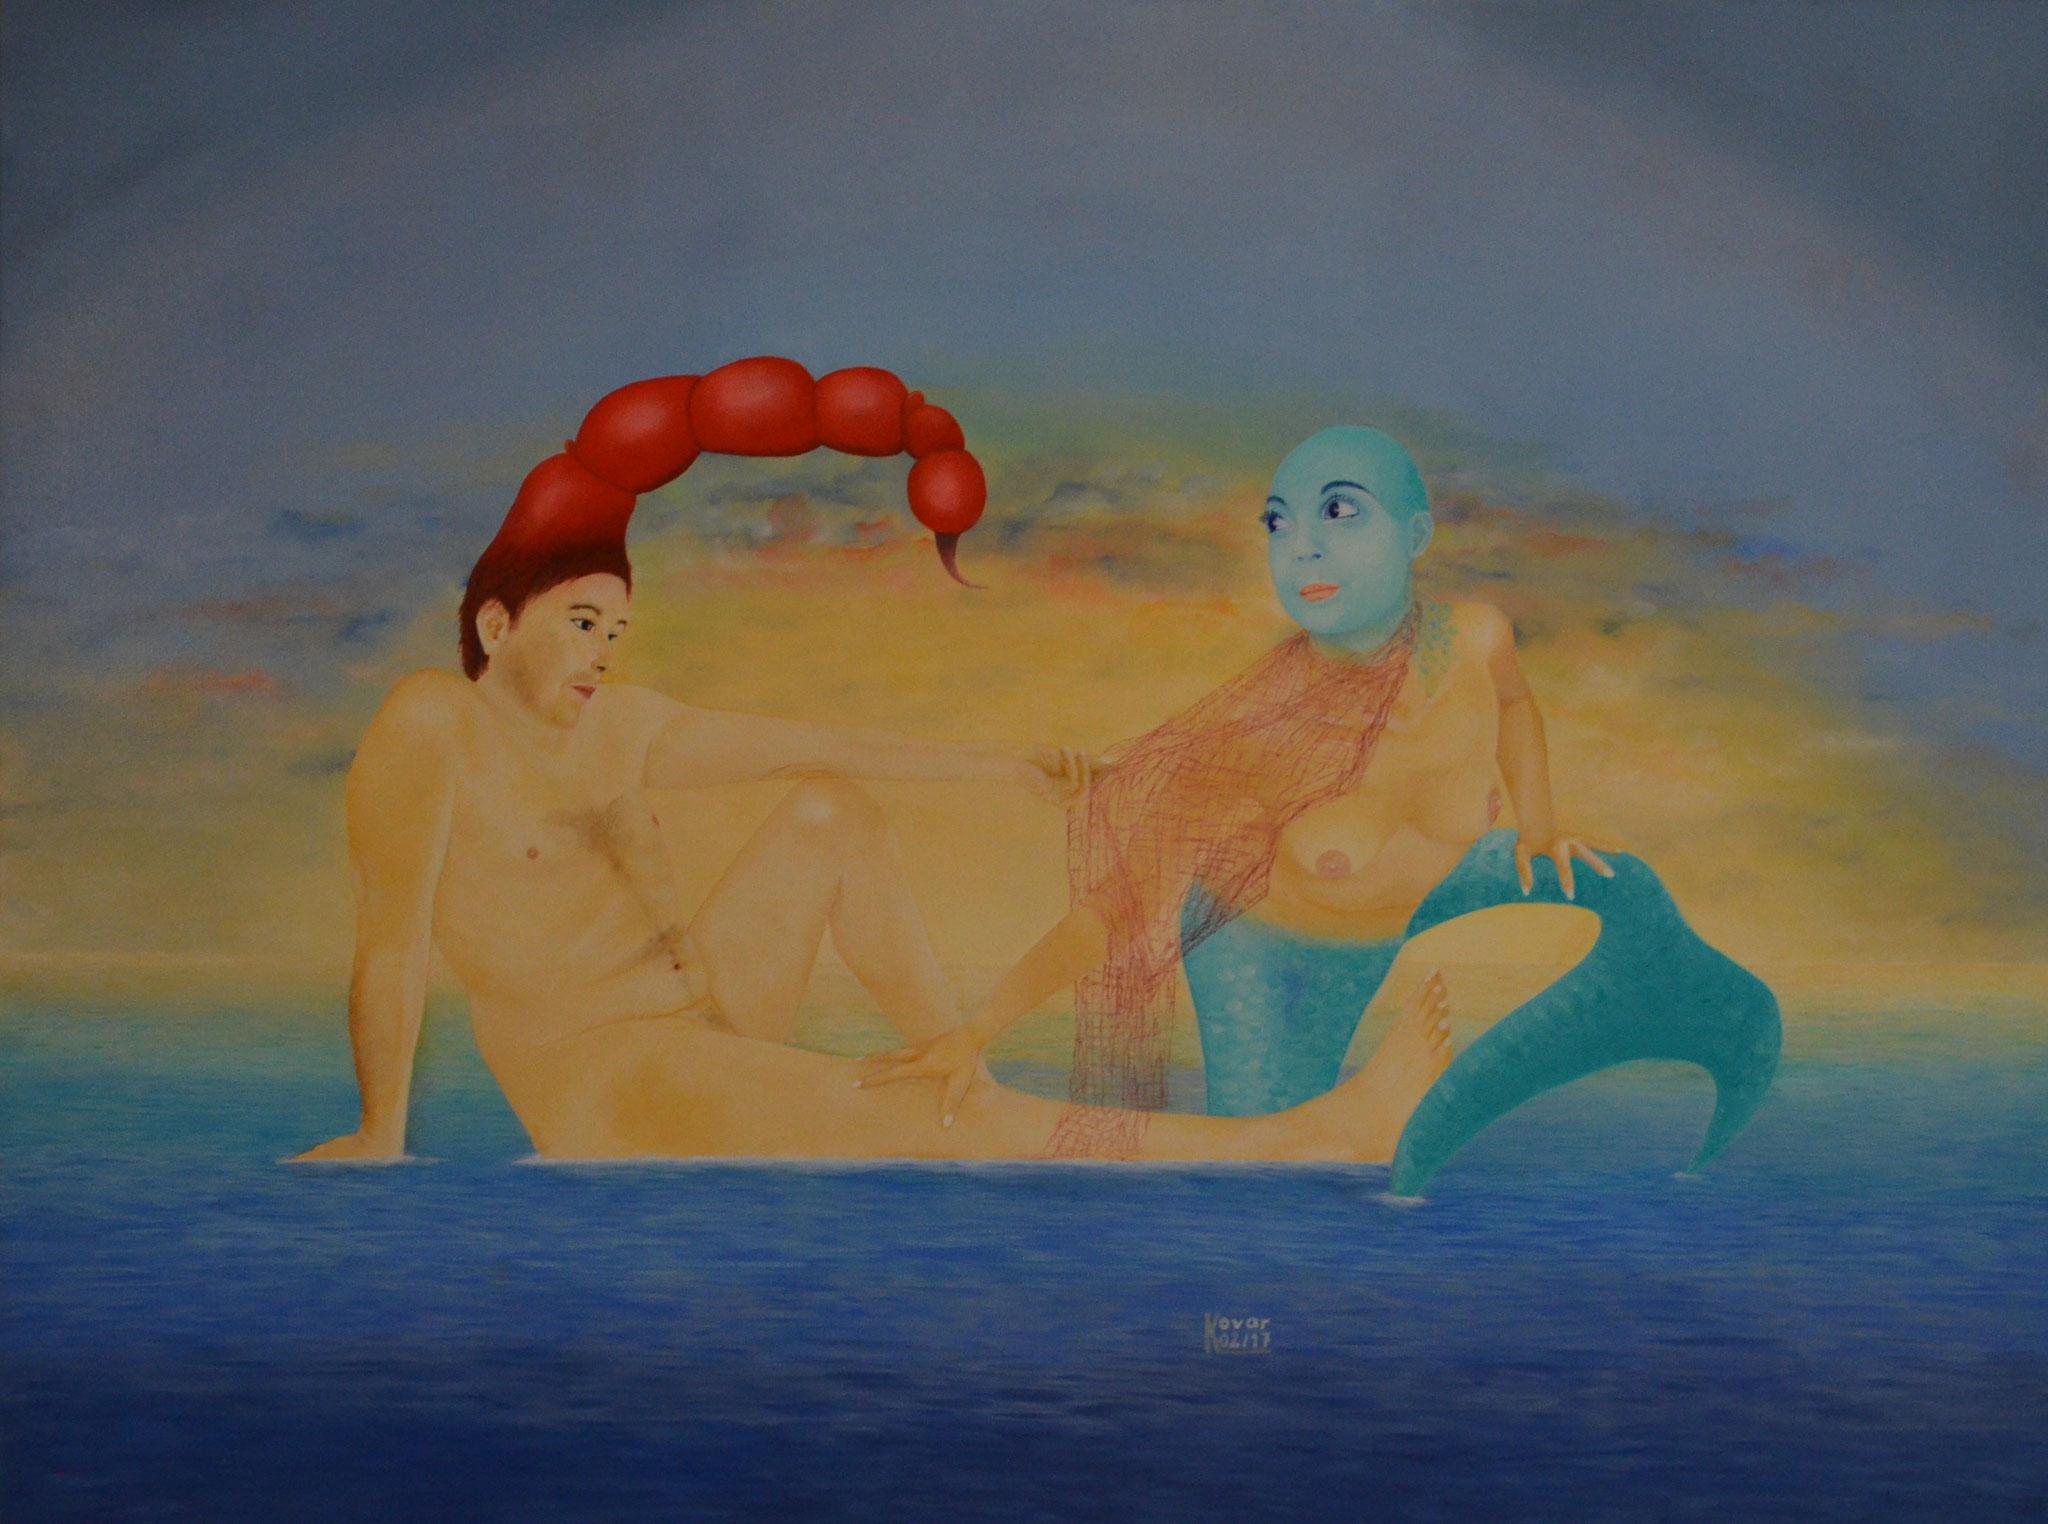 Sternzeichen - Skorpion & Fisch / Star  sign  - Scorpion & Fish, Öl auf Leinwand 120 x 90 cm, 2017.  Oil on Canvas.